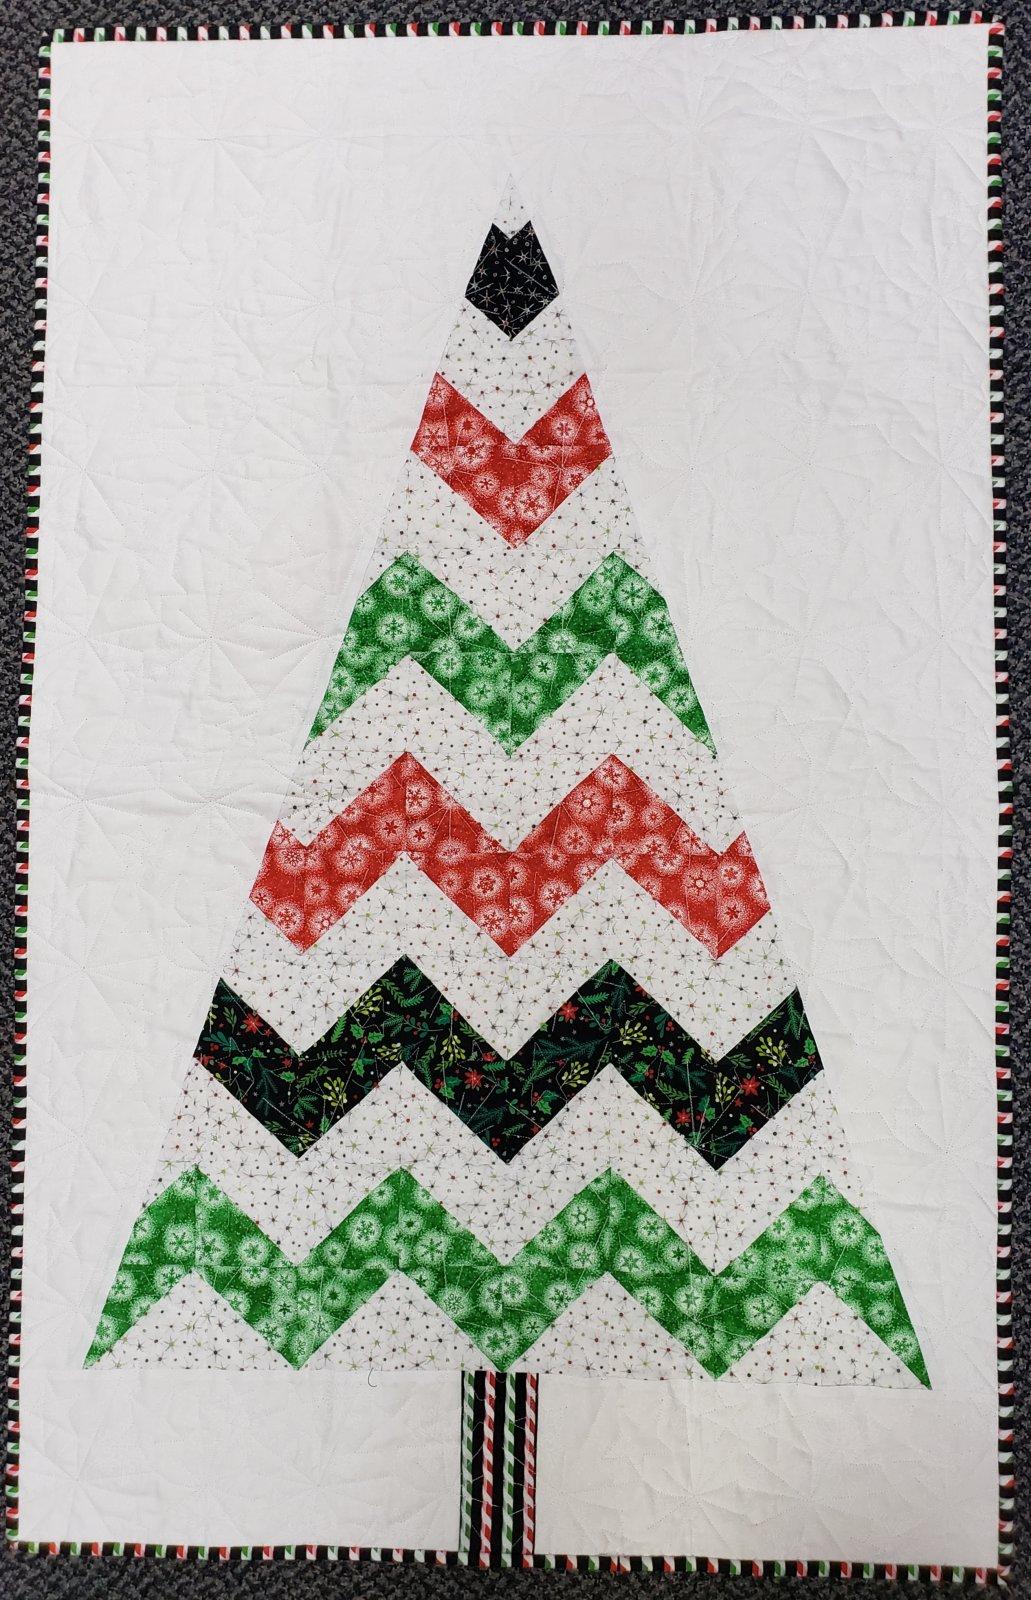 O Christmas Tree Wall Hanging